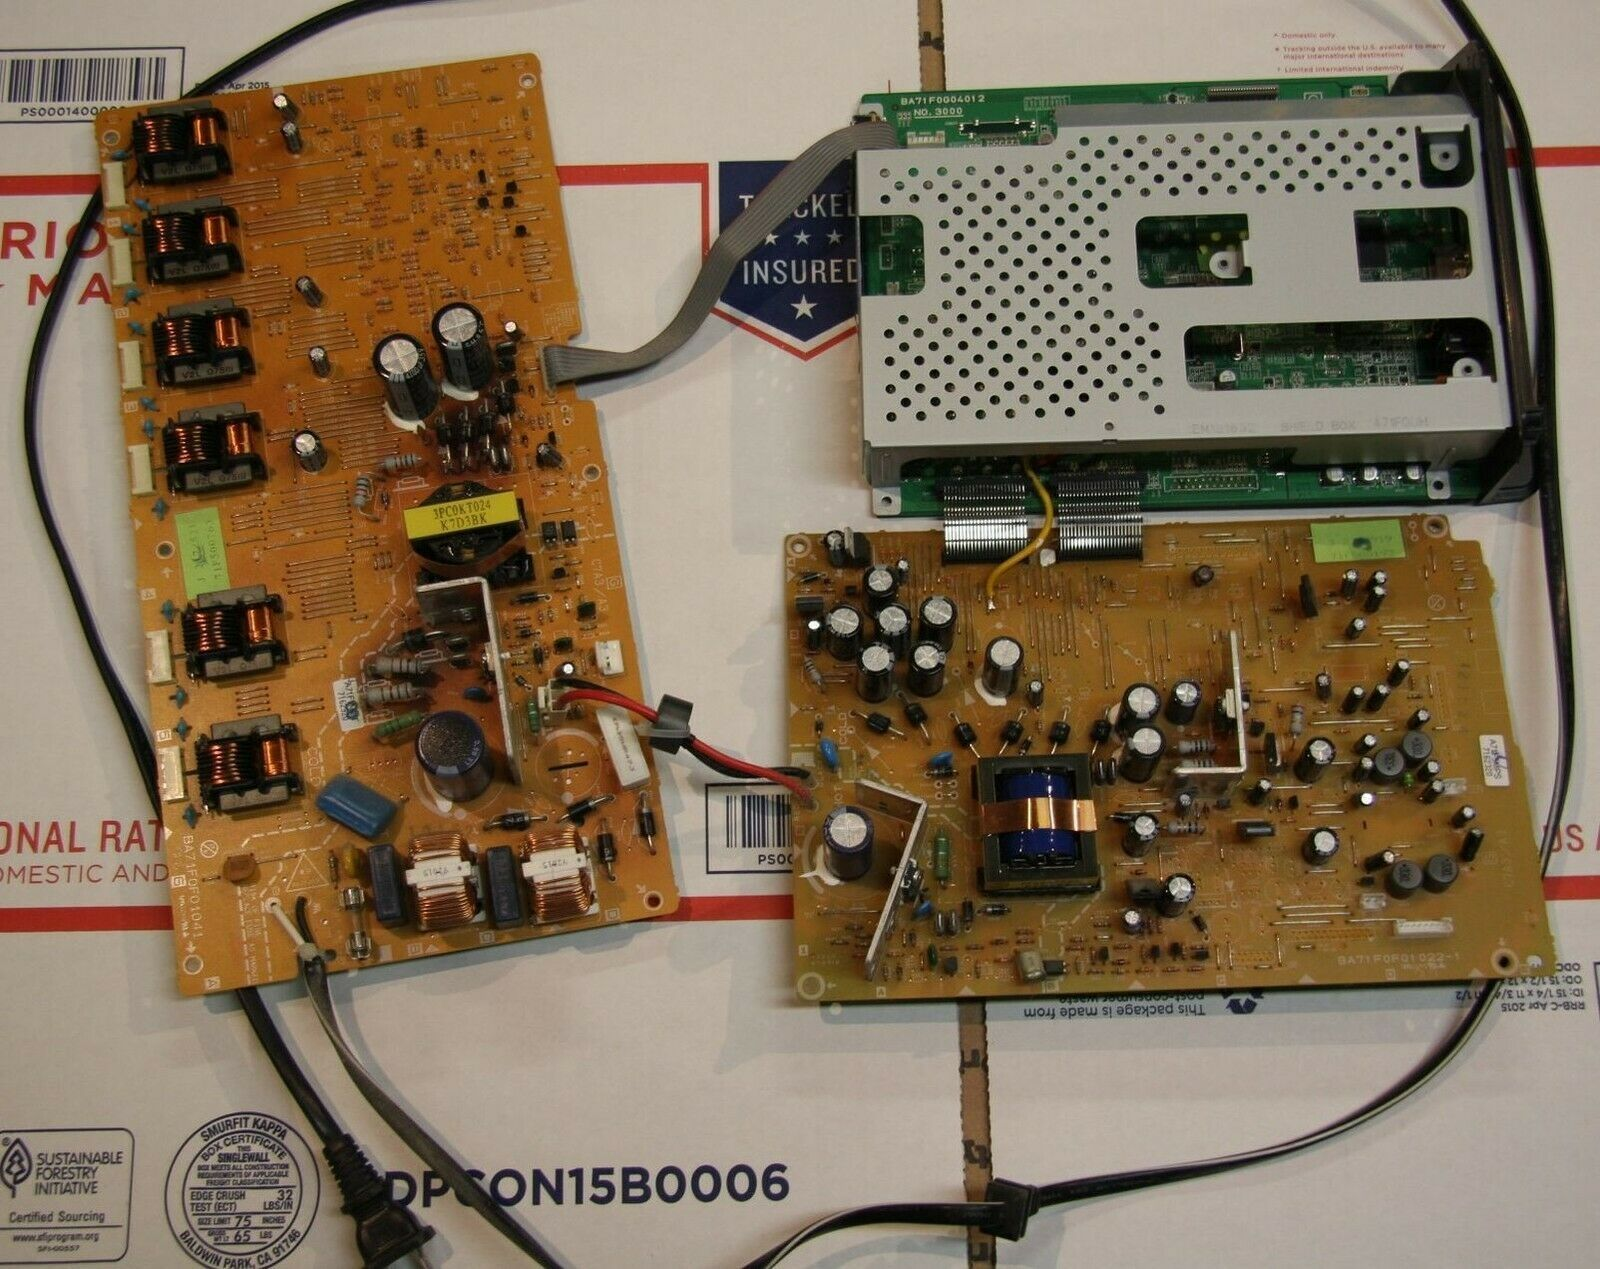 EMERSON LC320EM8A Main Board Video Board and Power Board - $59.00